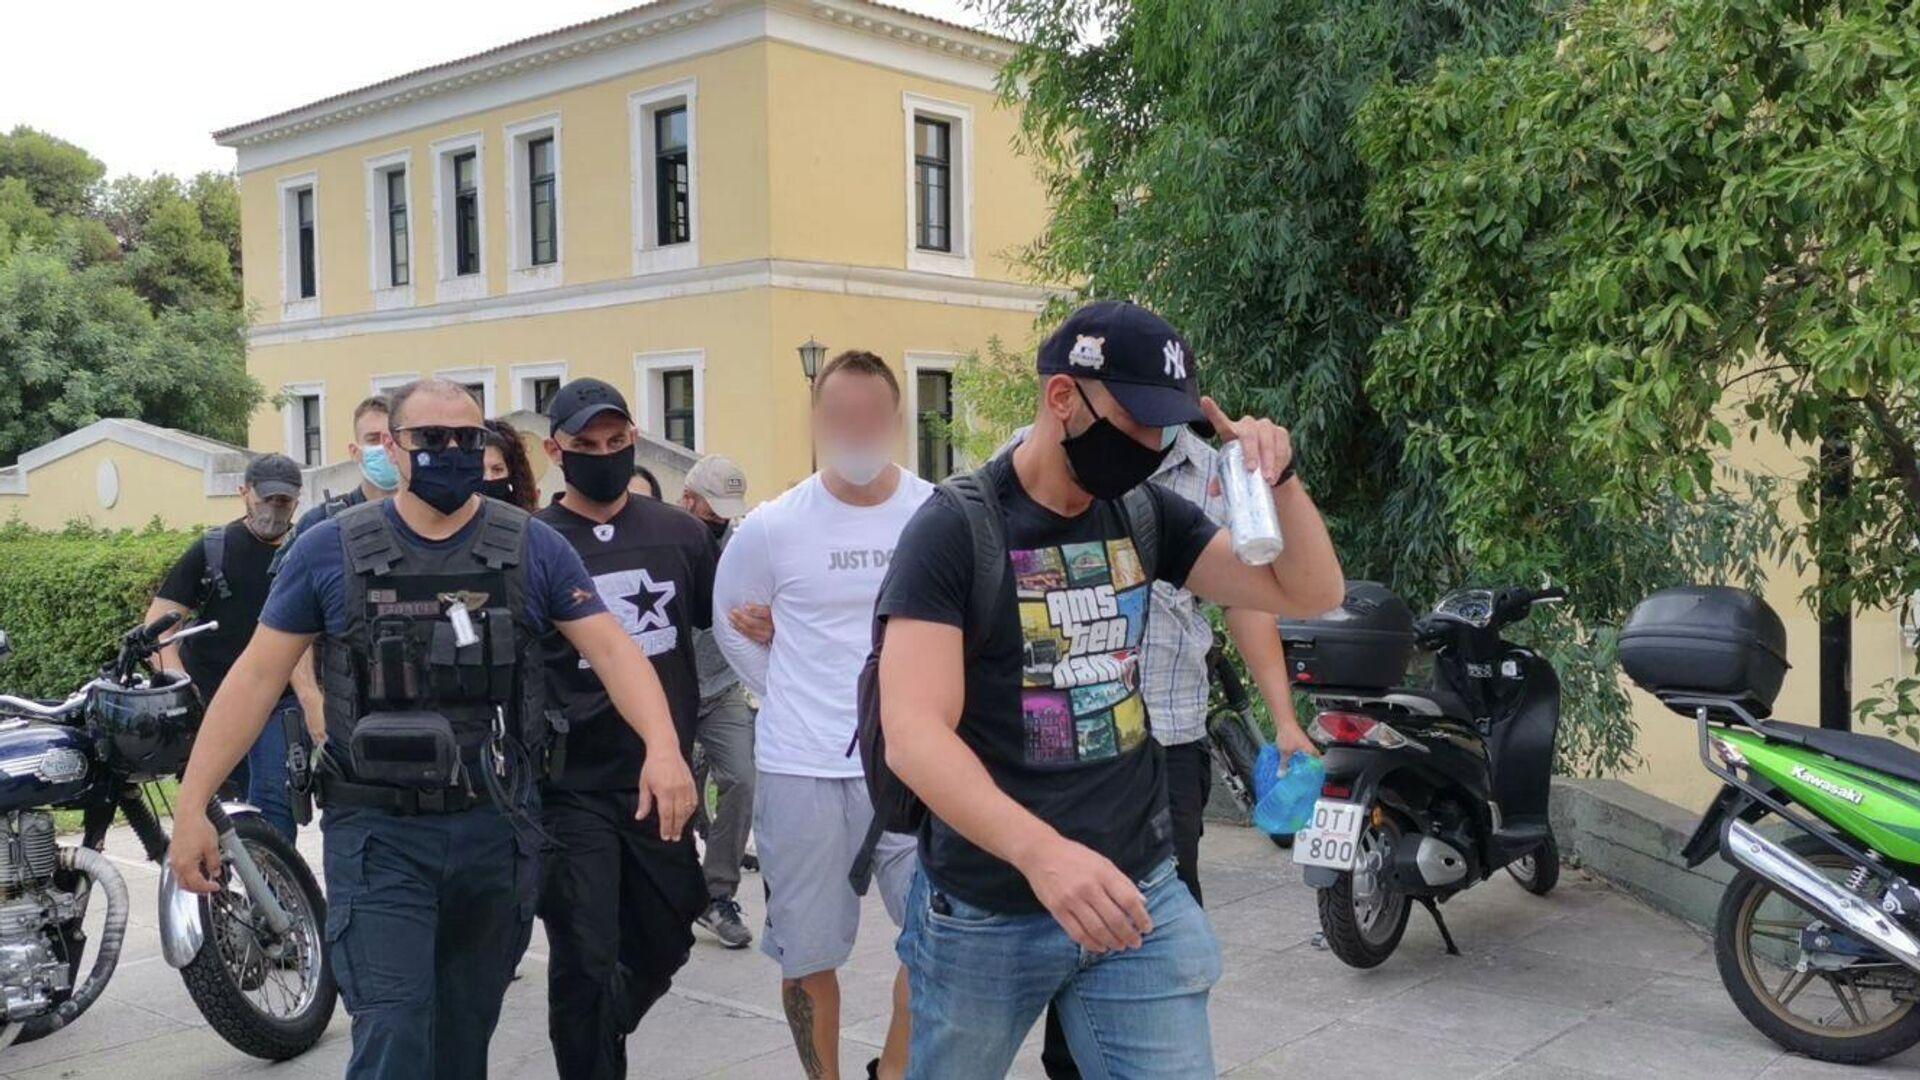 Στον εισαγγελέα ο 33χρονος για τη ληστεία στη Μητροπόλεως - Sputnik Ελλάδα, 1920, 28.09.2021